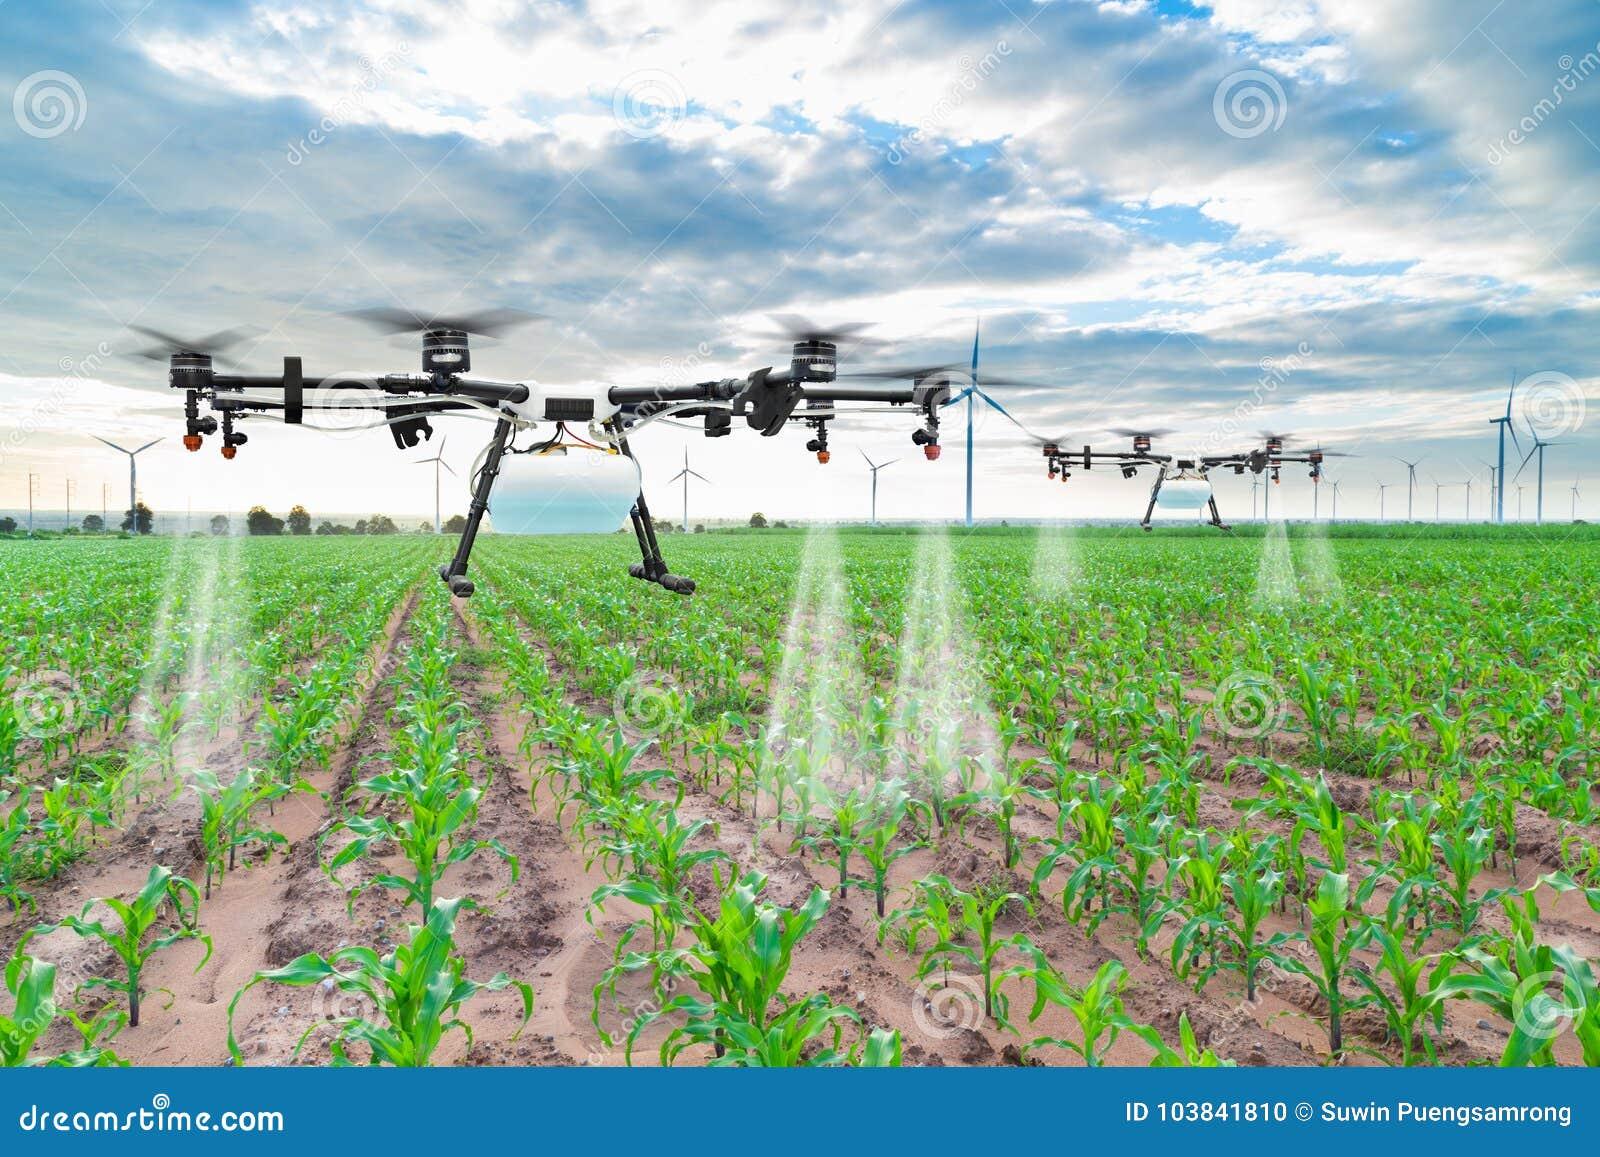 Mouche de bourdon d agriculture à l engrais pulvérisé sur les champs de maïs